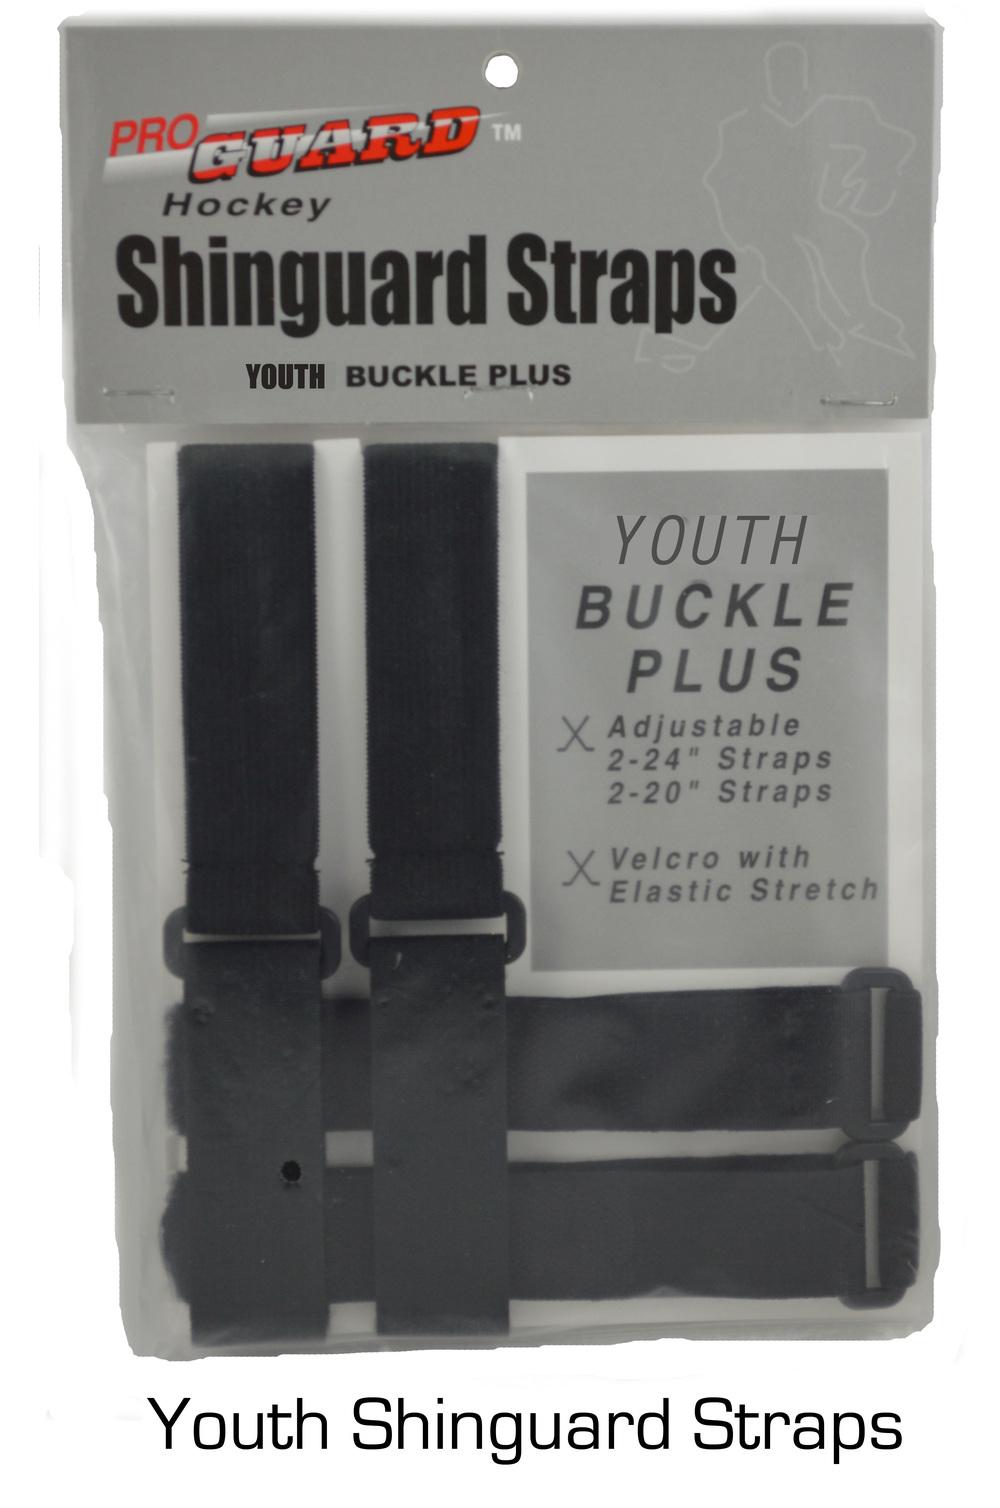 Shinguard Straps